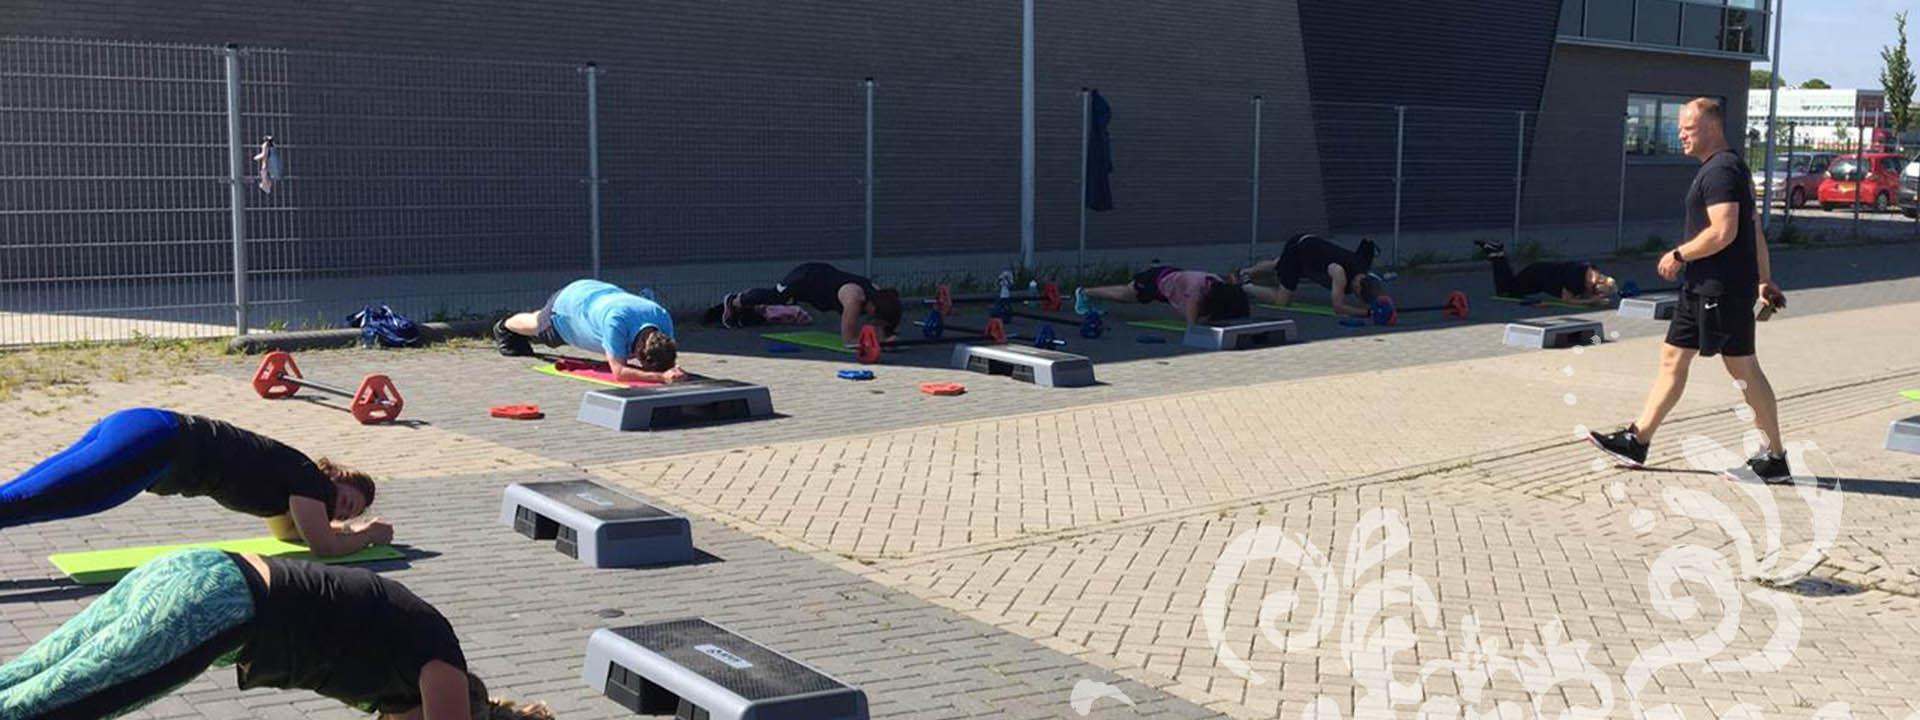 Outdoor Groepslessen bij The Fitness Lounge